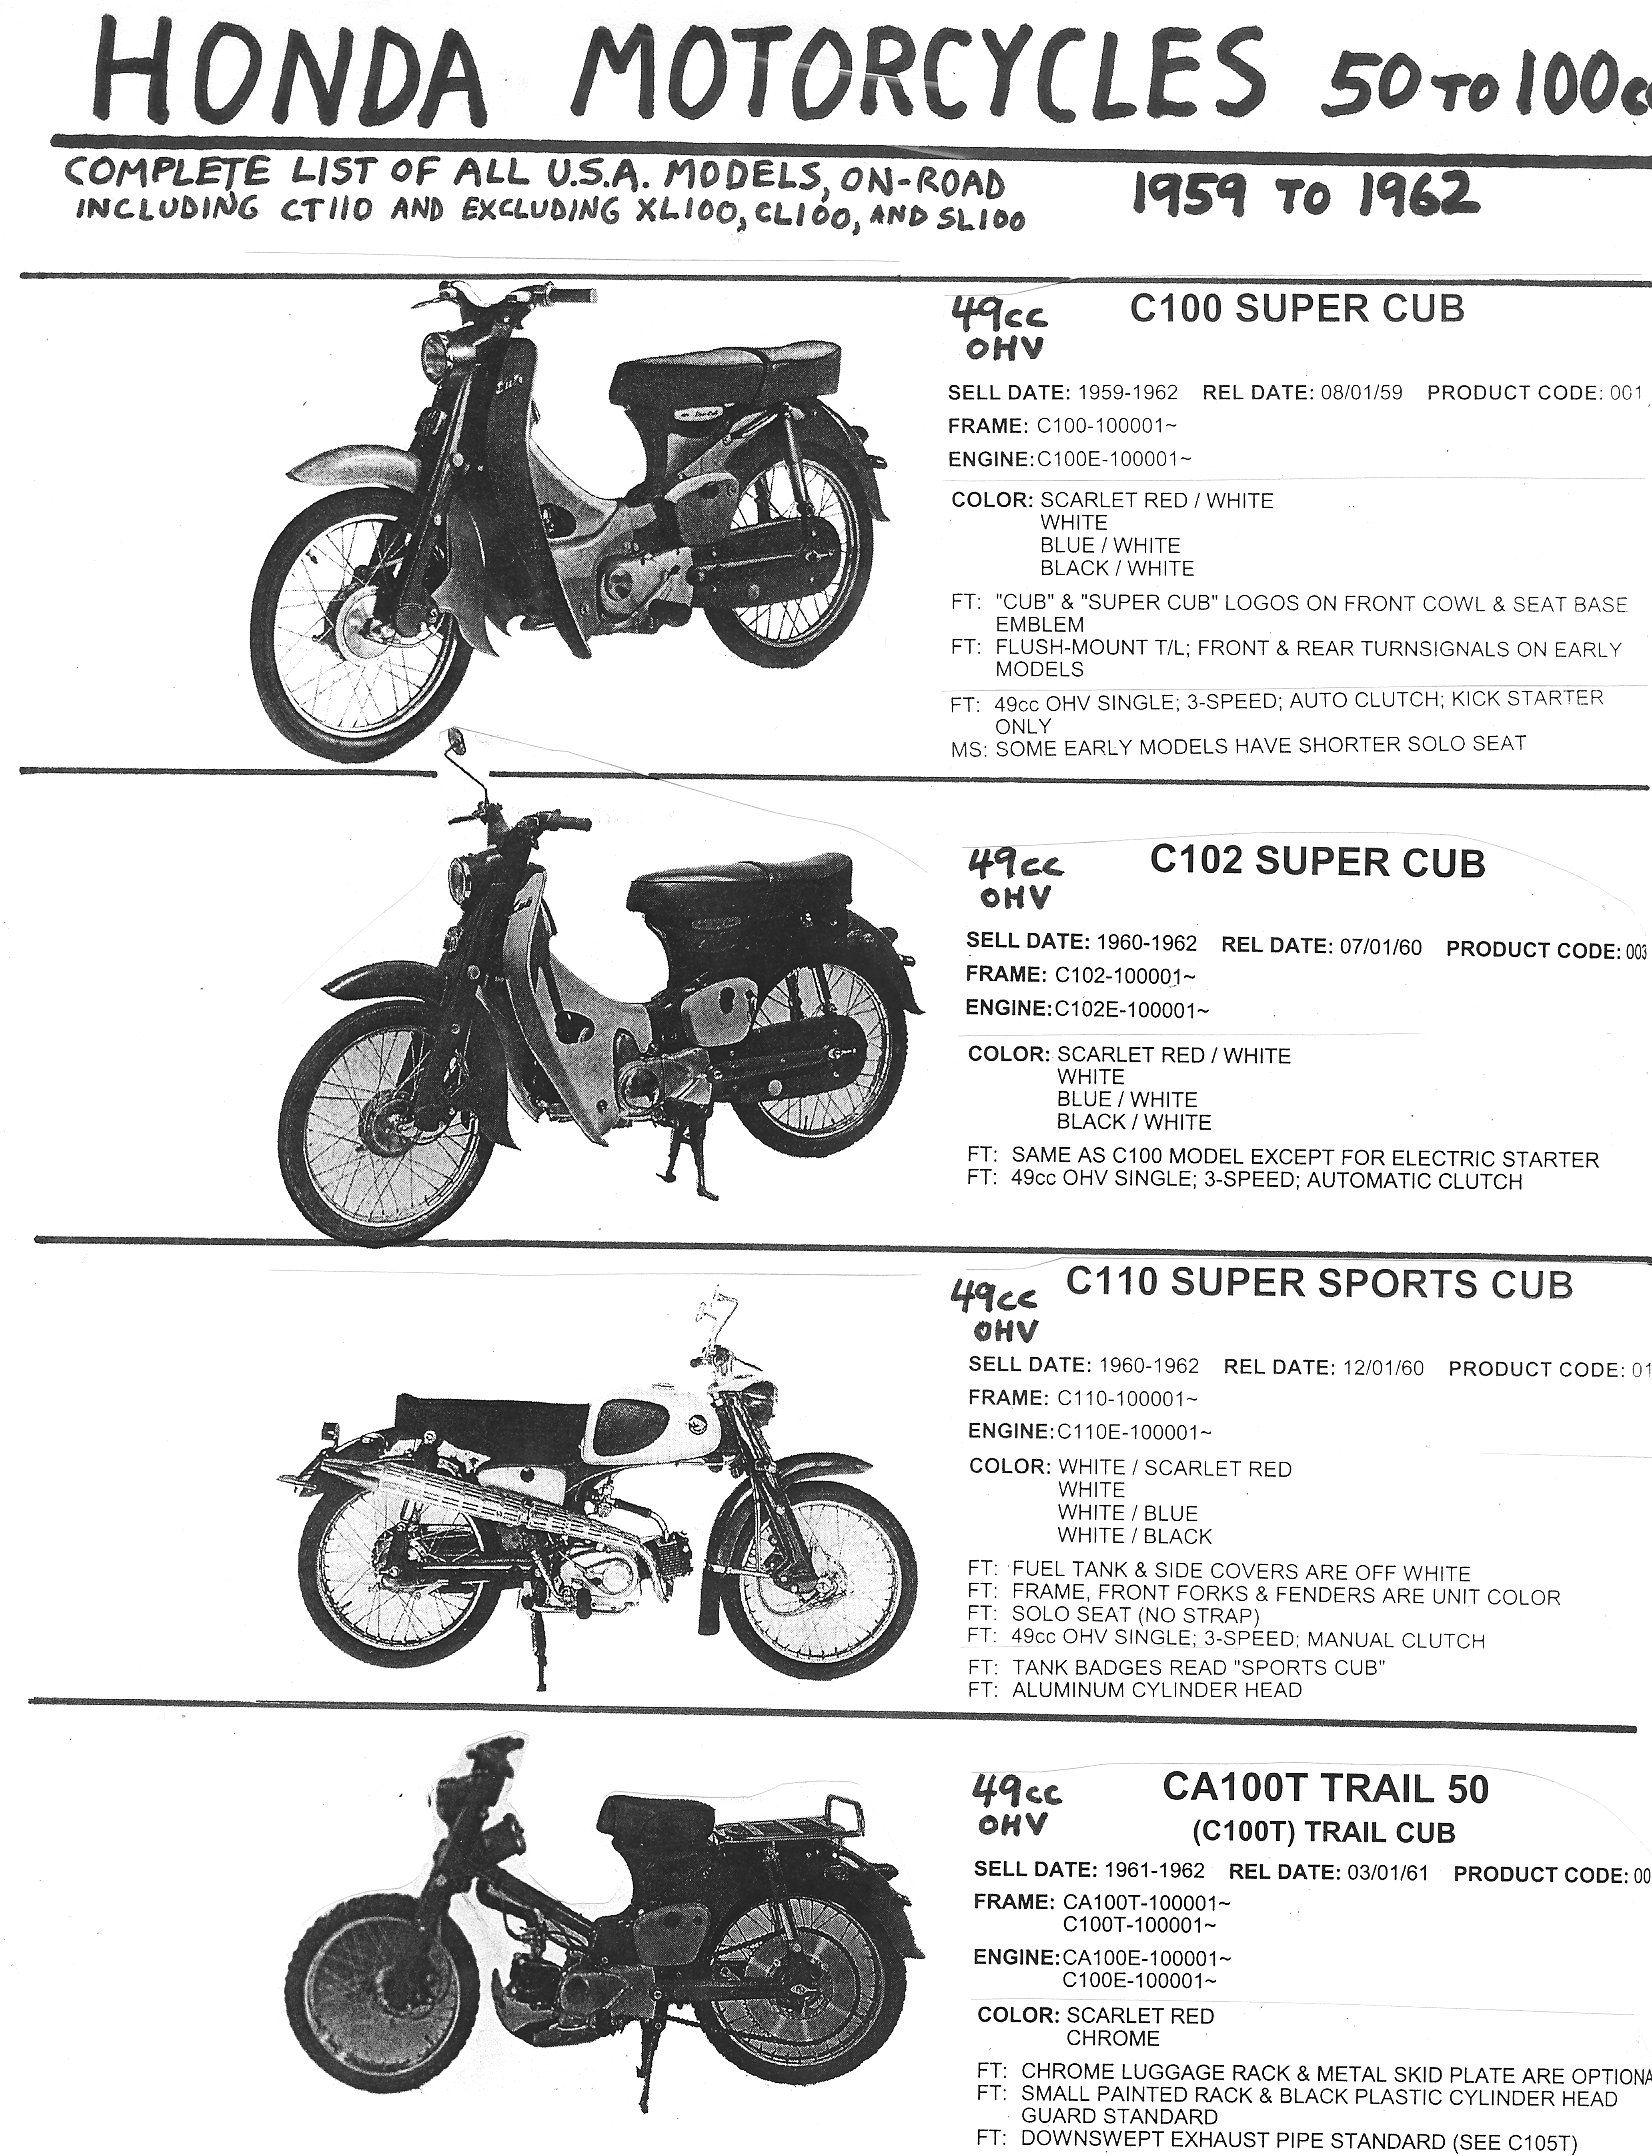 Info-Honda-1959-62.jpg (1652×2156) | MOTORCYCLE BROCHURES / ADS ...